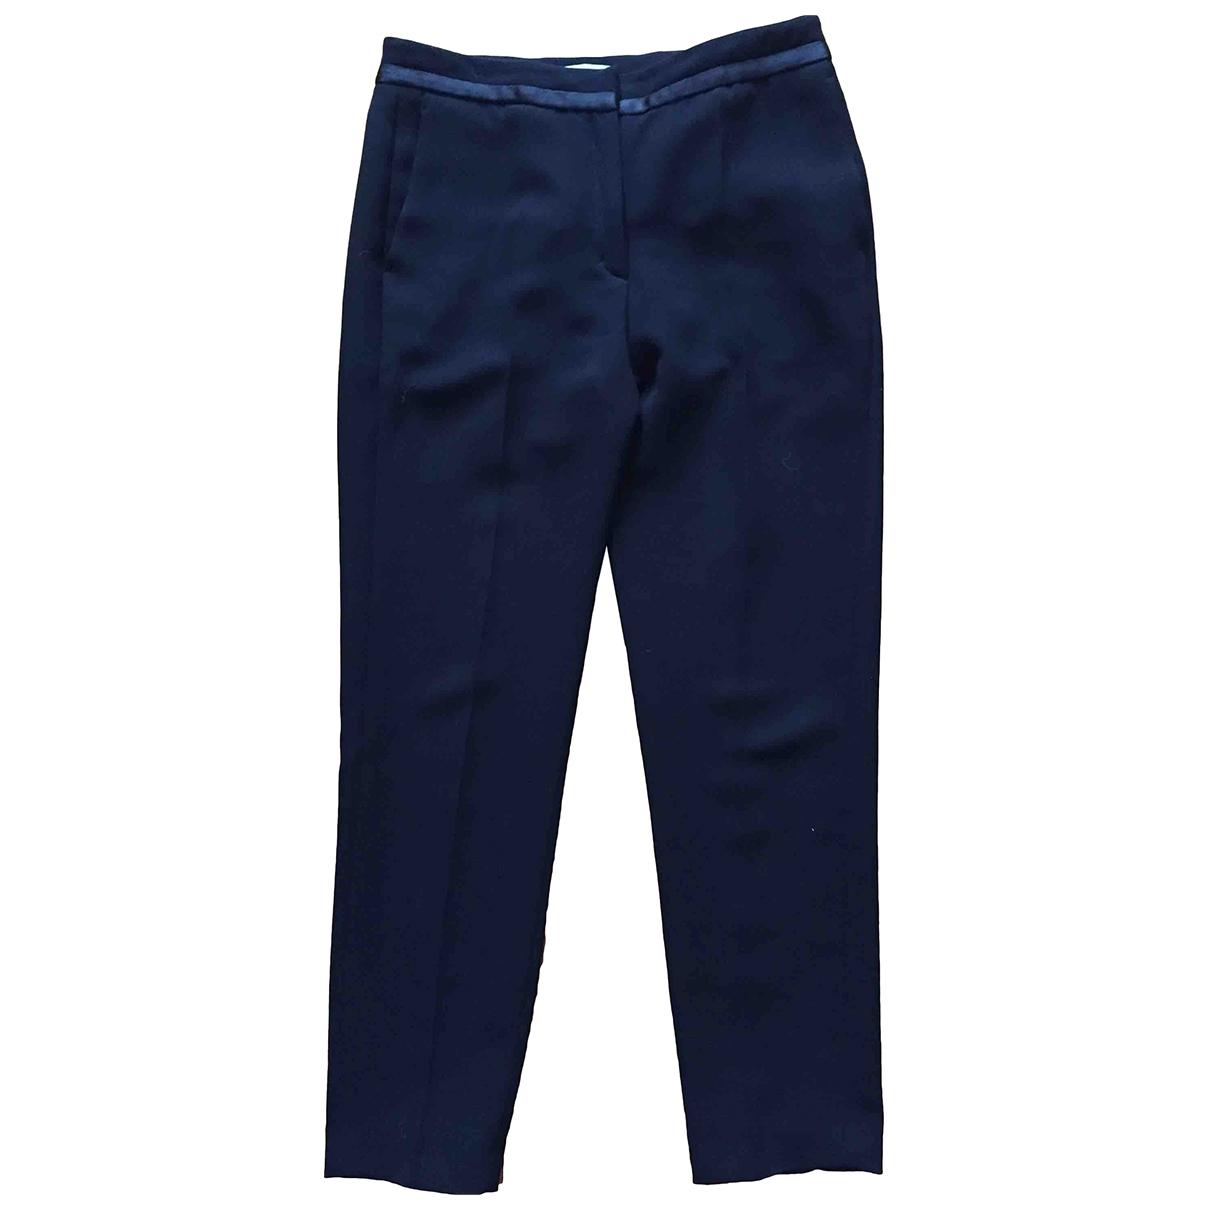 Sandro \N Black Trousers for Women 38 FR